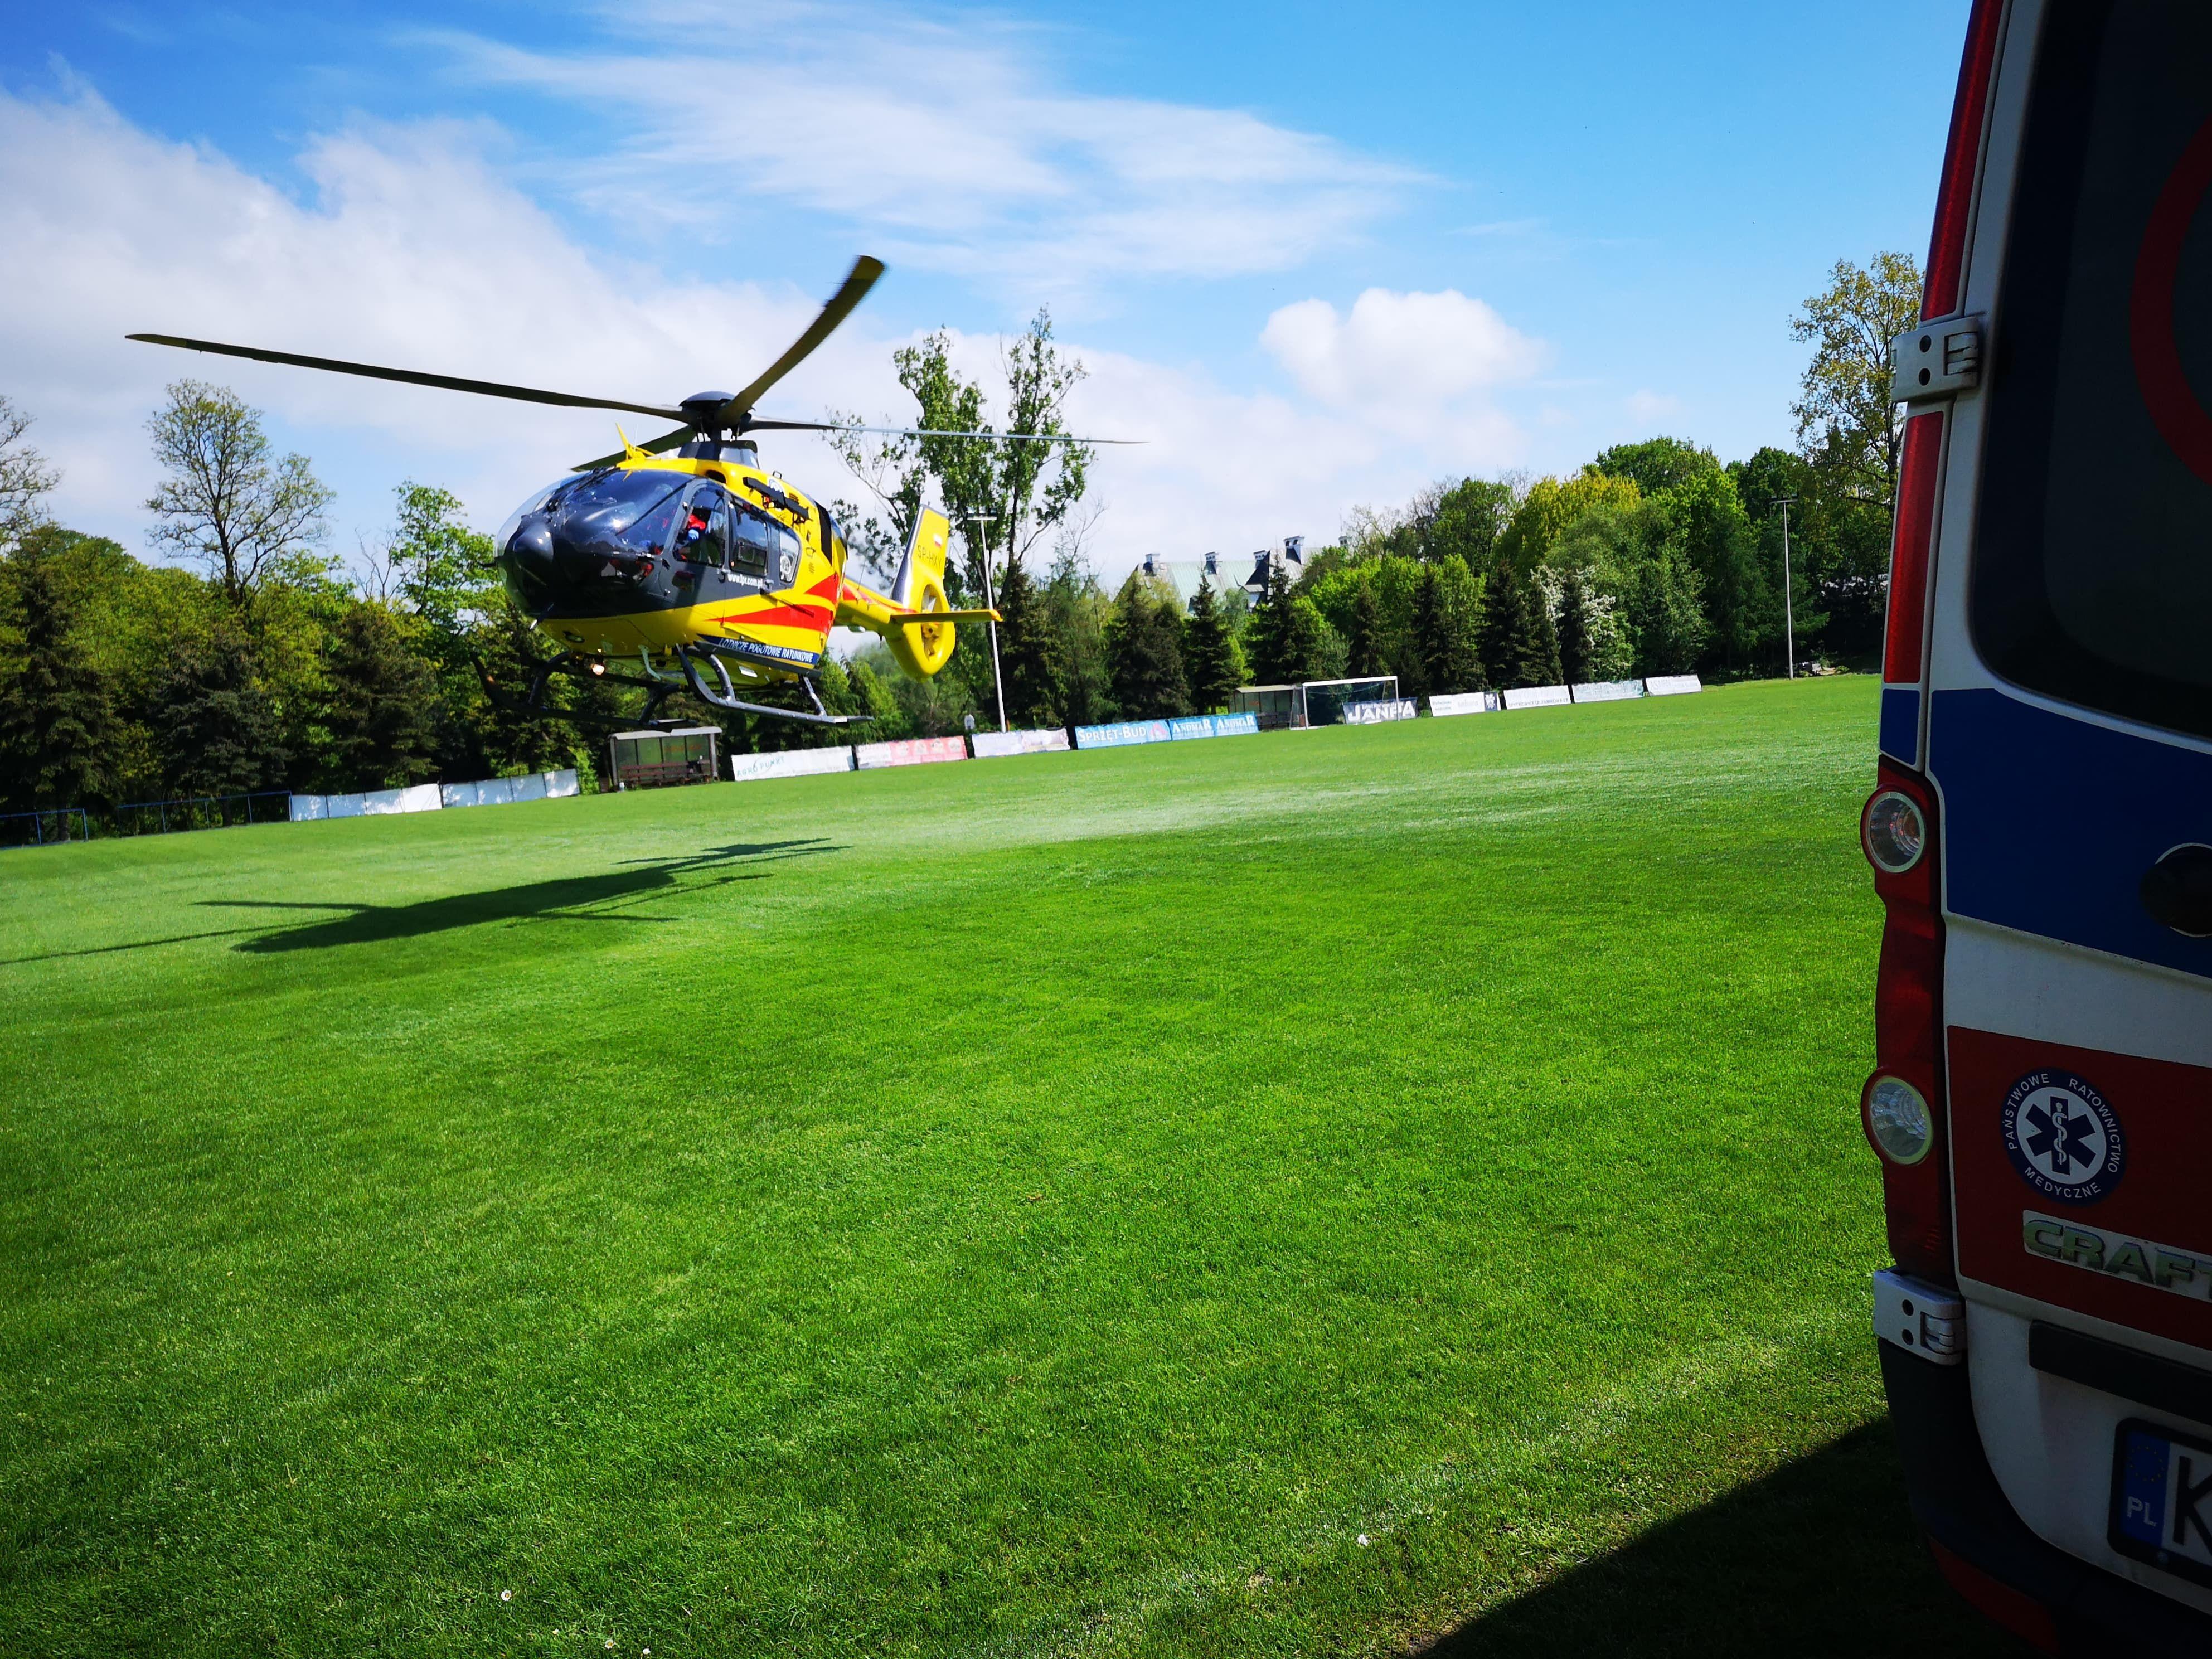 Śmigłowiec ratowniczy lądował na boisku, zabrał pacjenta do szpitala